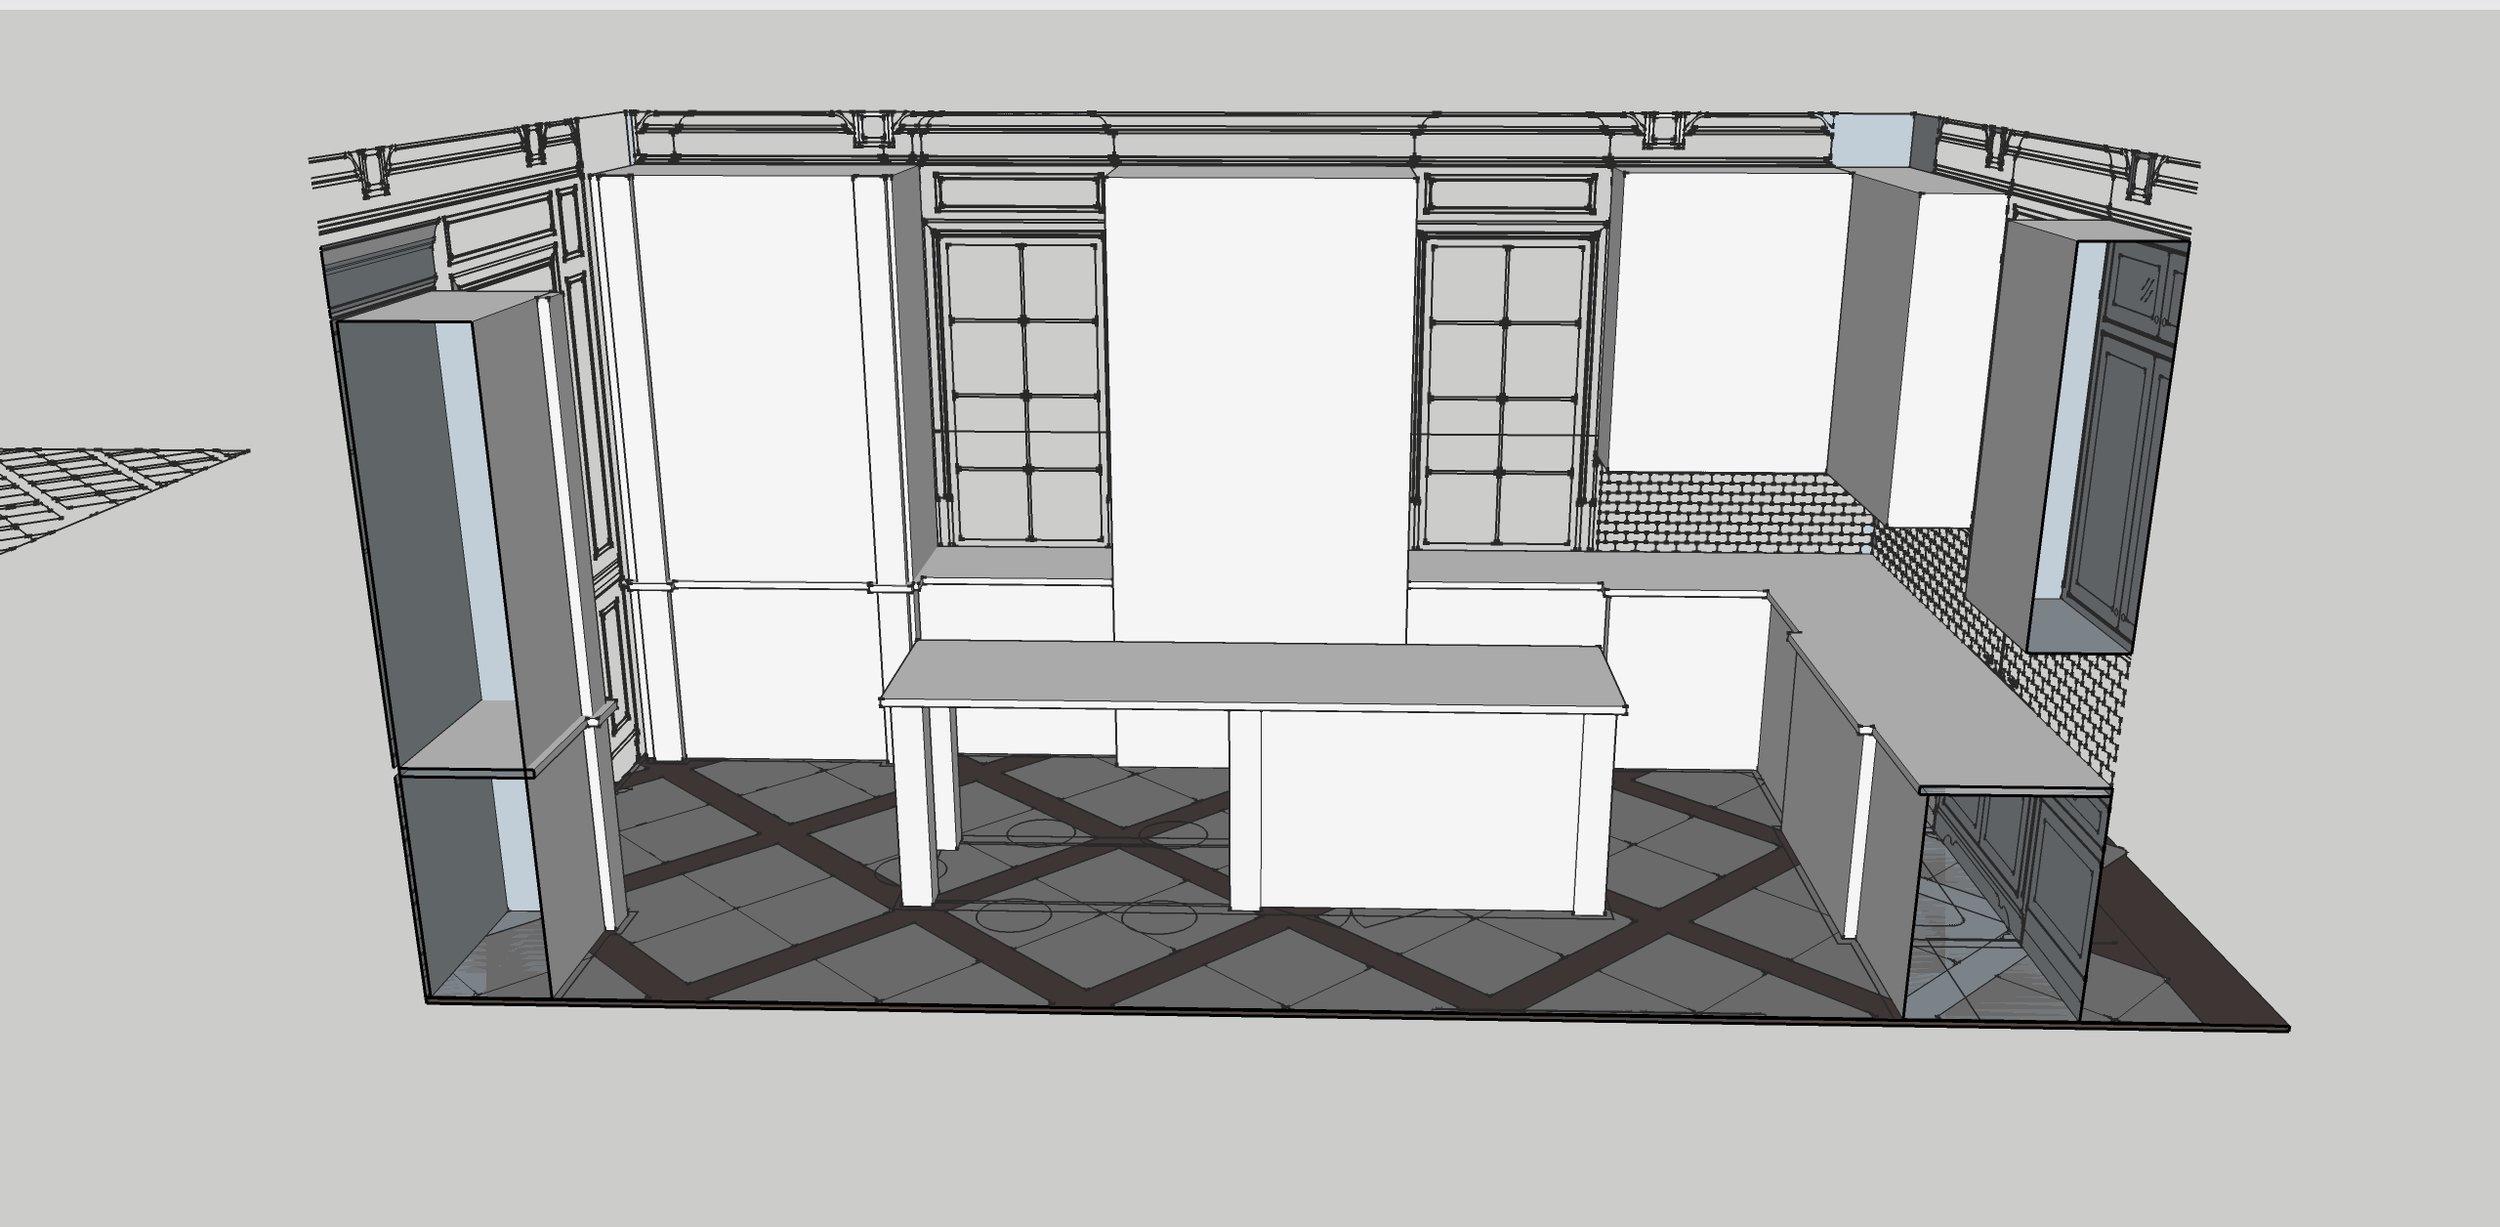 Davis_Kitchen_floor layout_Section 2.jpg